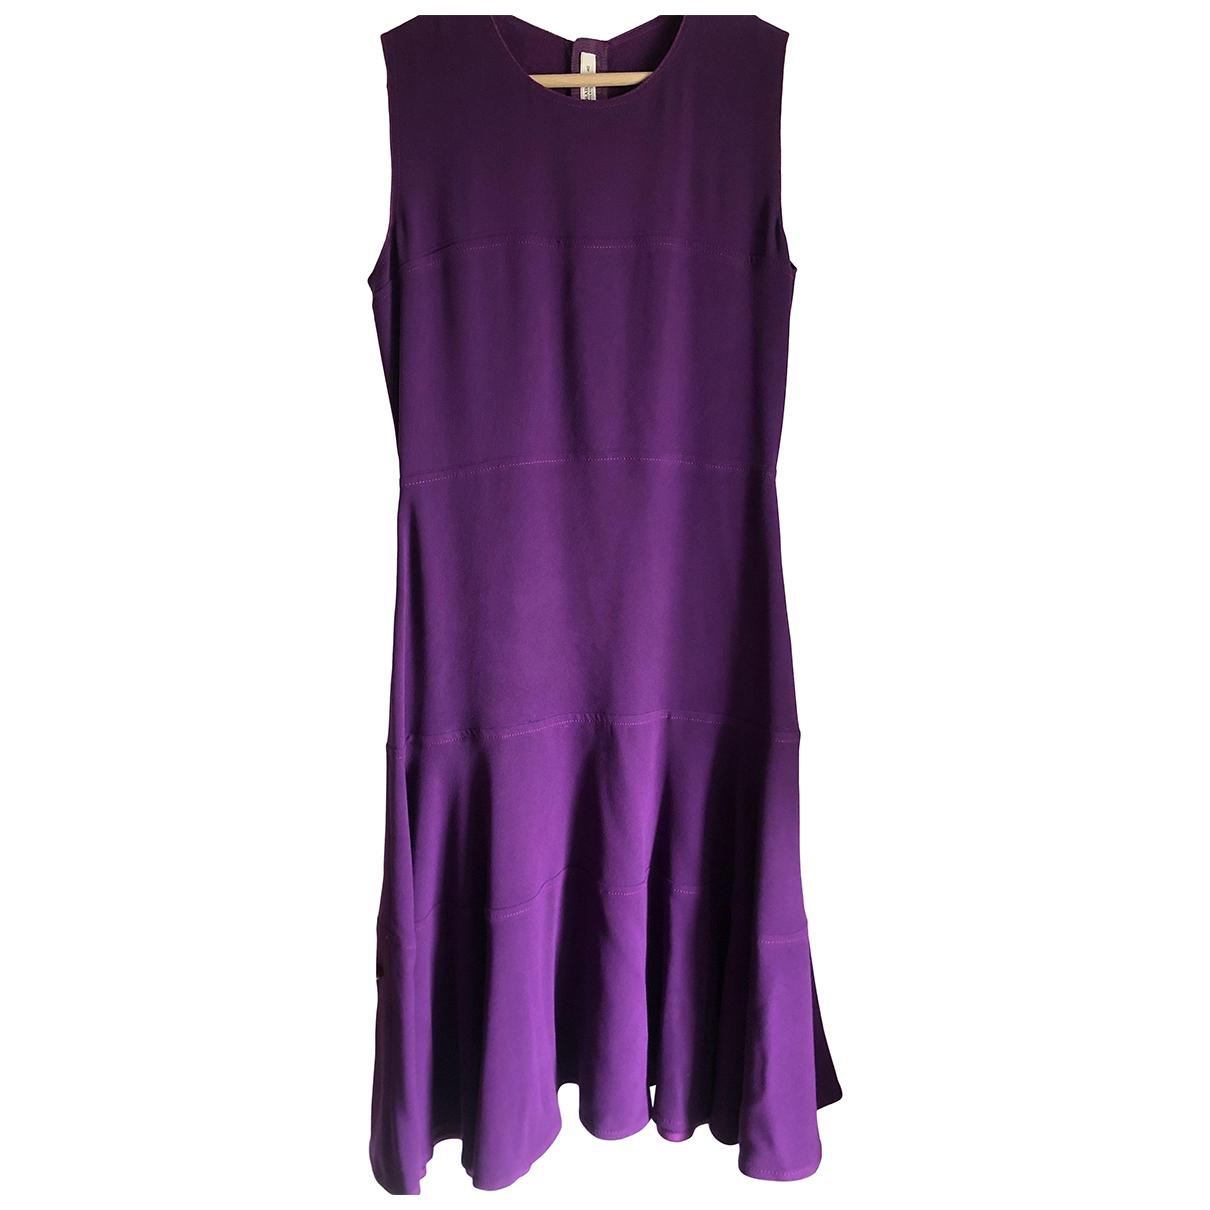 Prada \N Purple dress for Women 40 IT